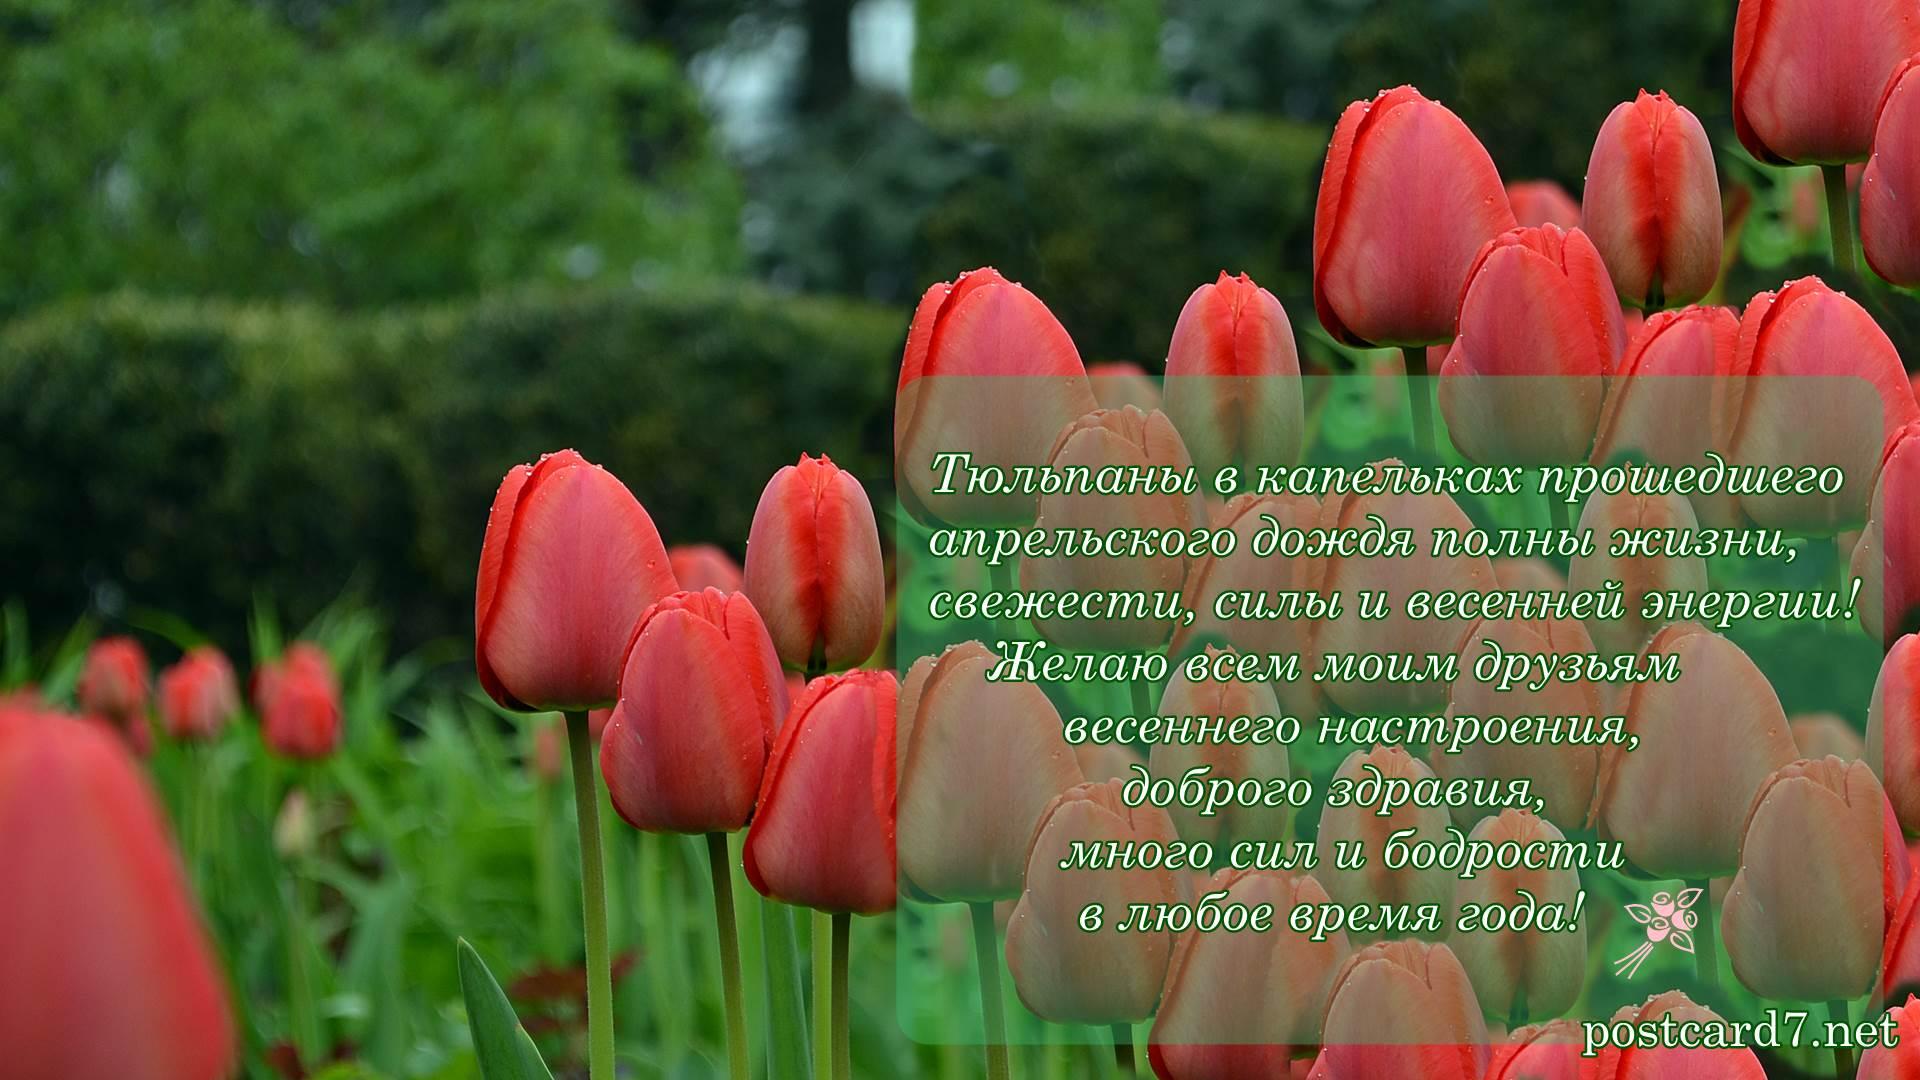 Пожелания друзьям, открытка с тюльпанами